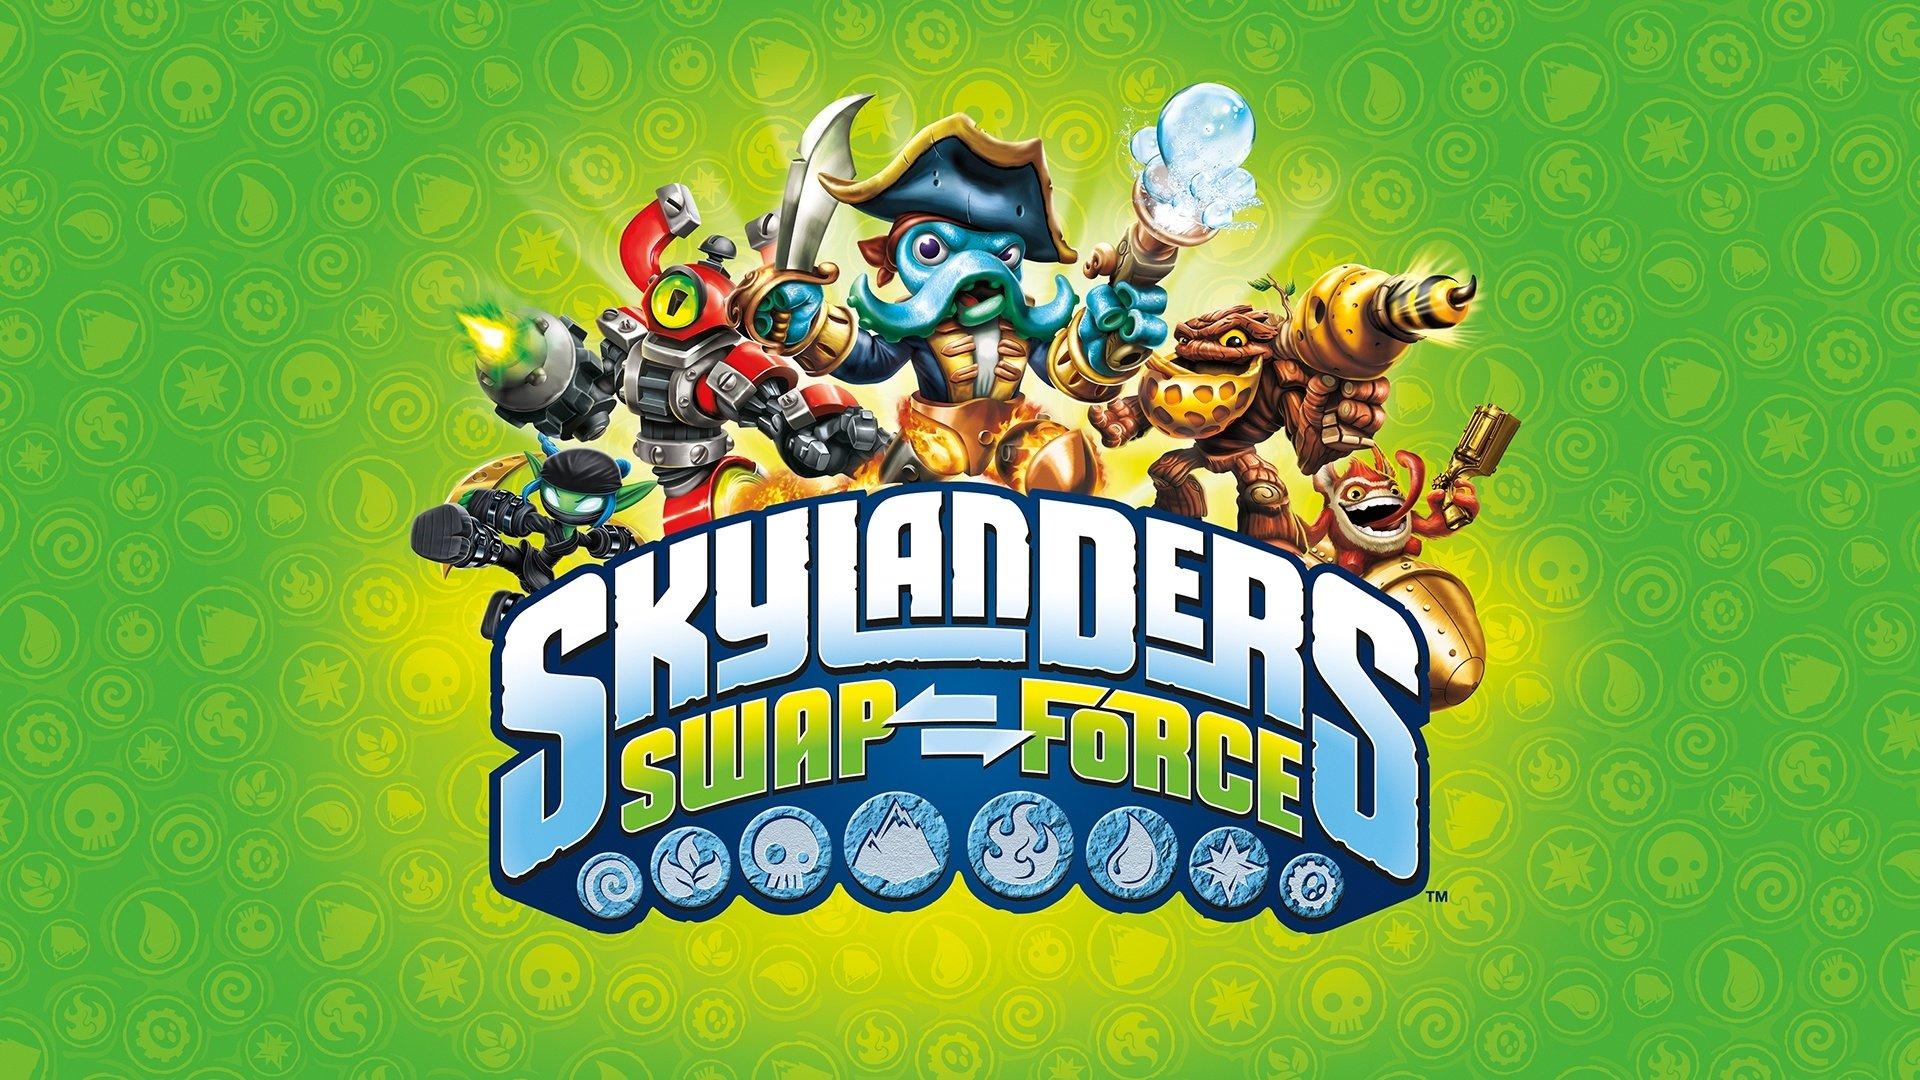 1 Skylanders SWAP Force HD Wallpapers